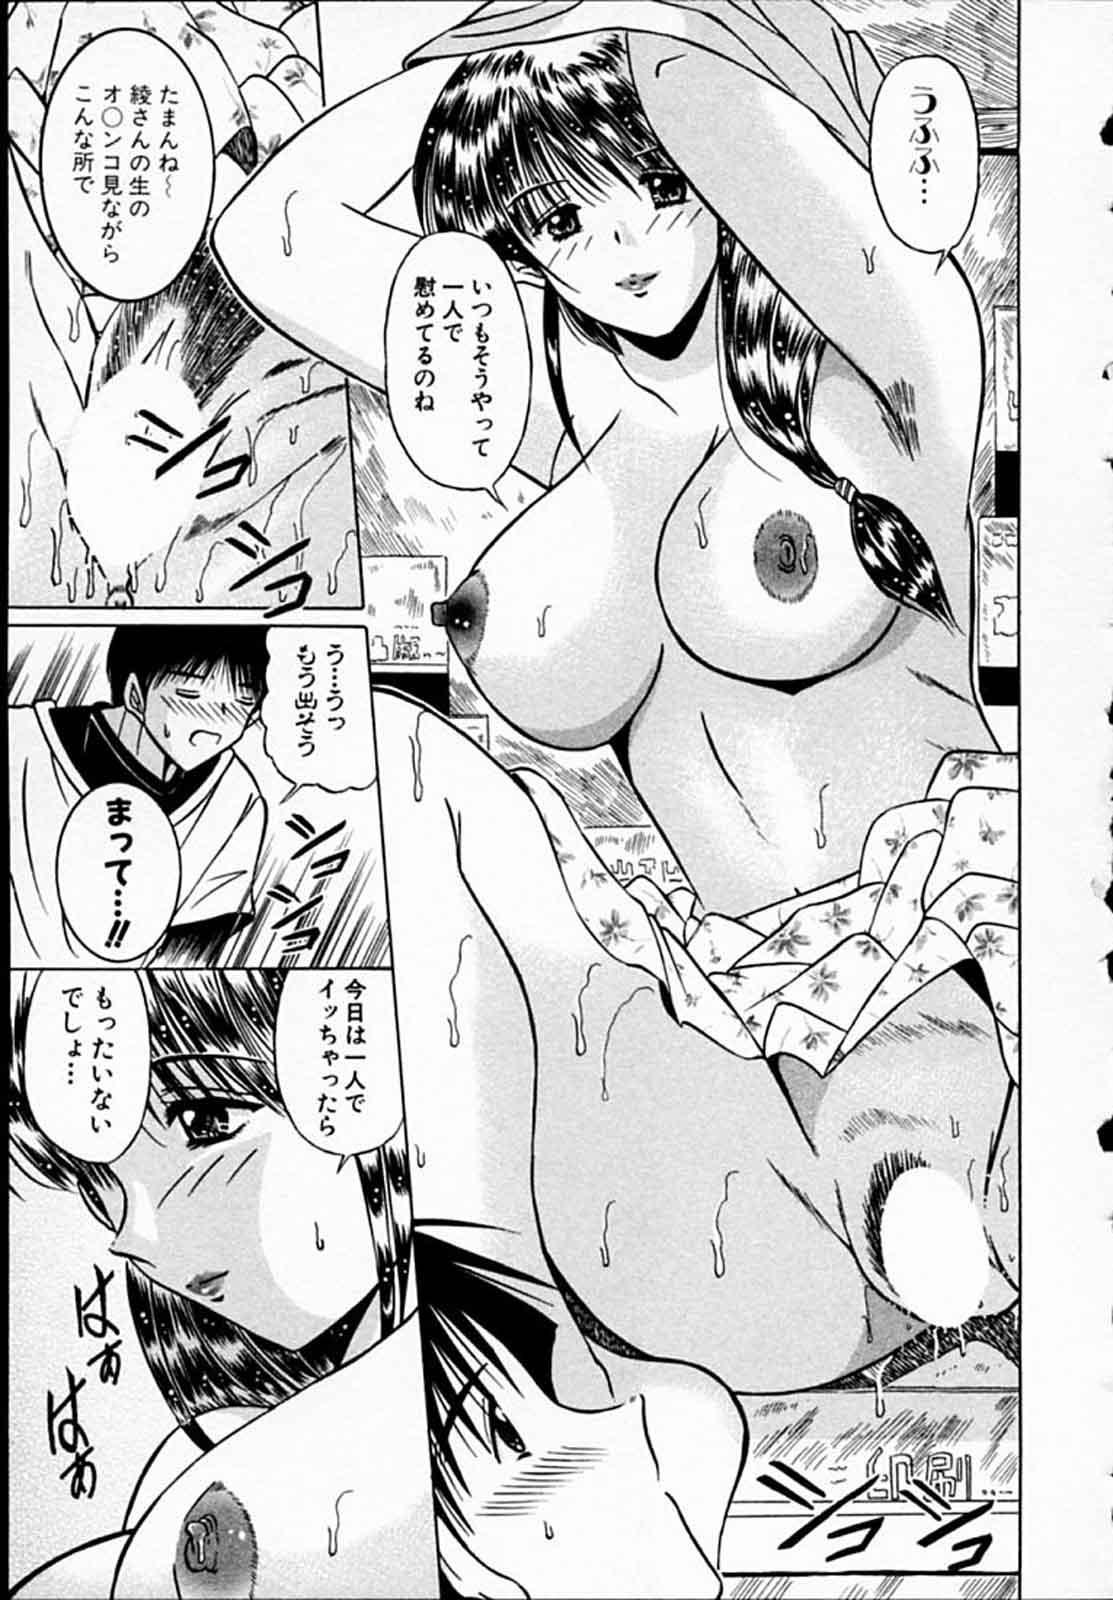 Hiyokko Nurse! 193